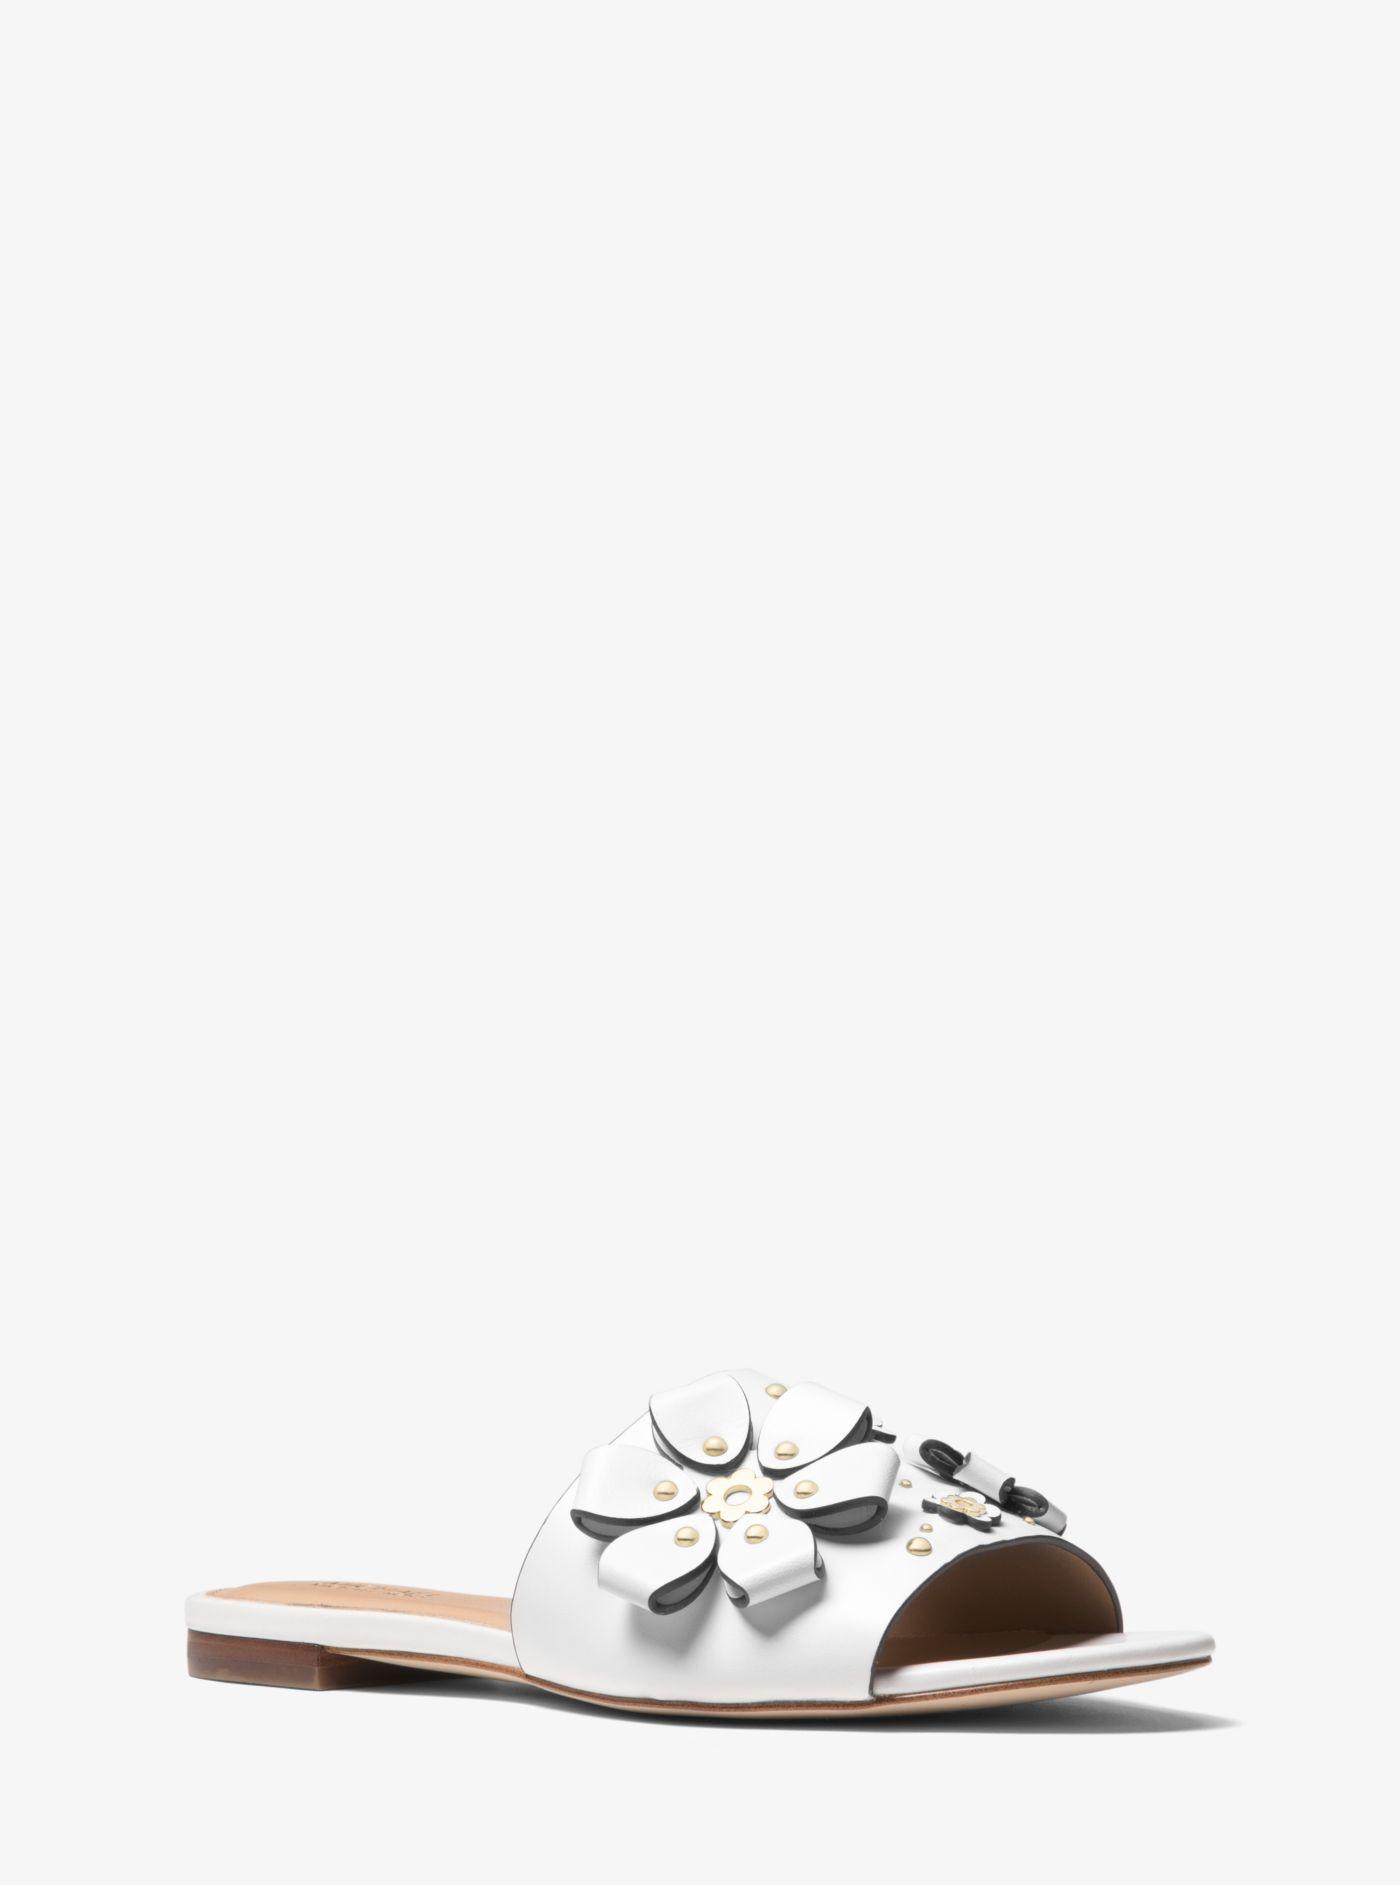 912d303290f Lyst - Michael Kors Tara Floral Embellished Leather Slide in White